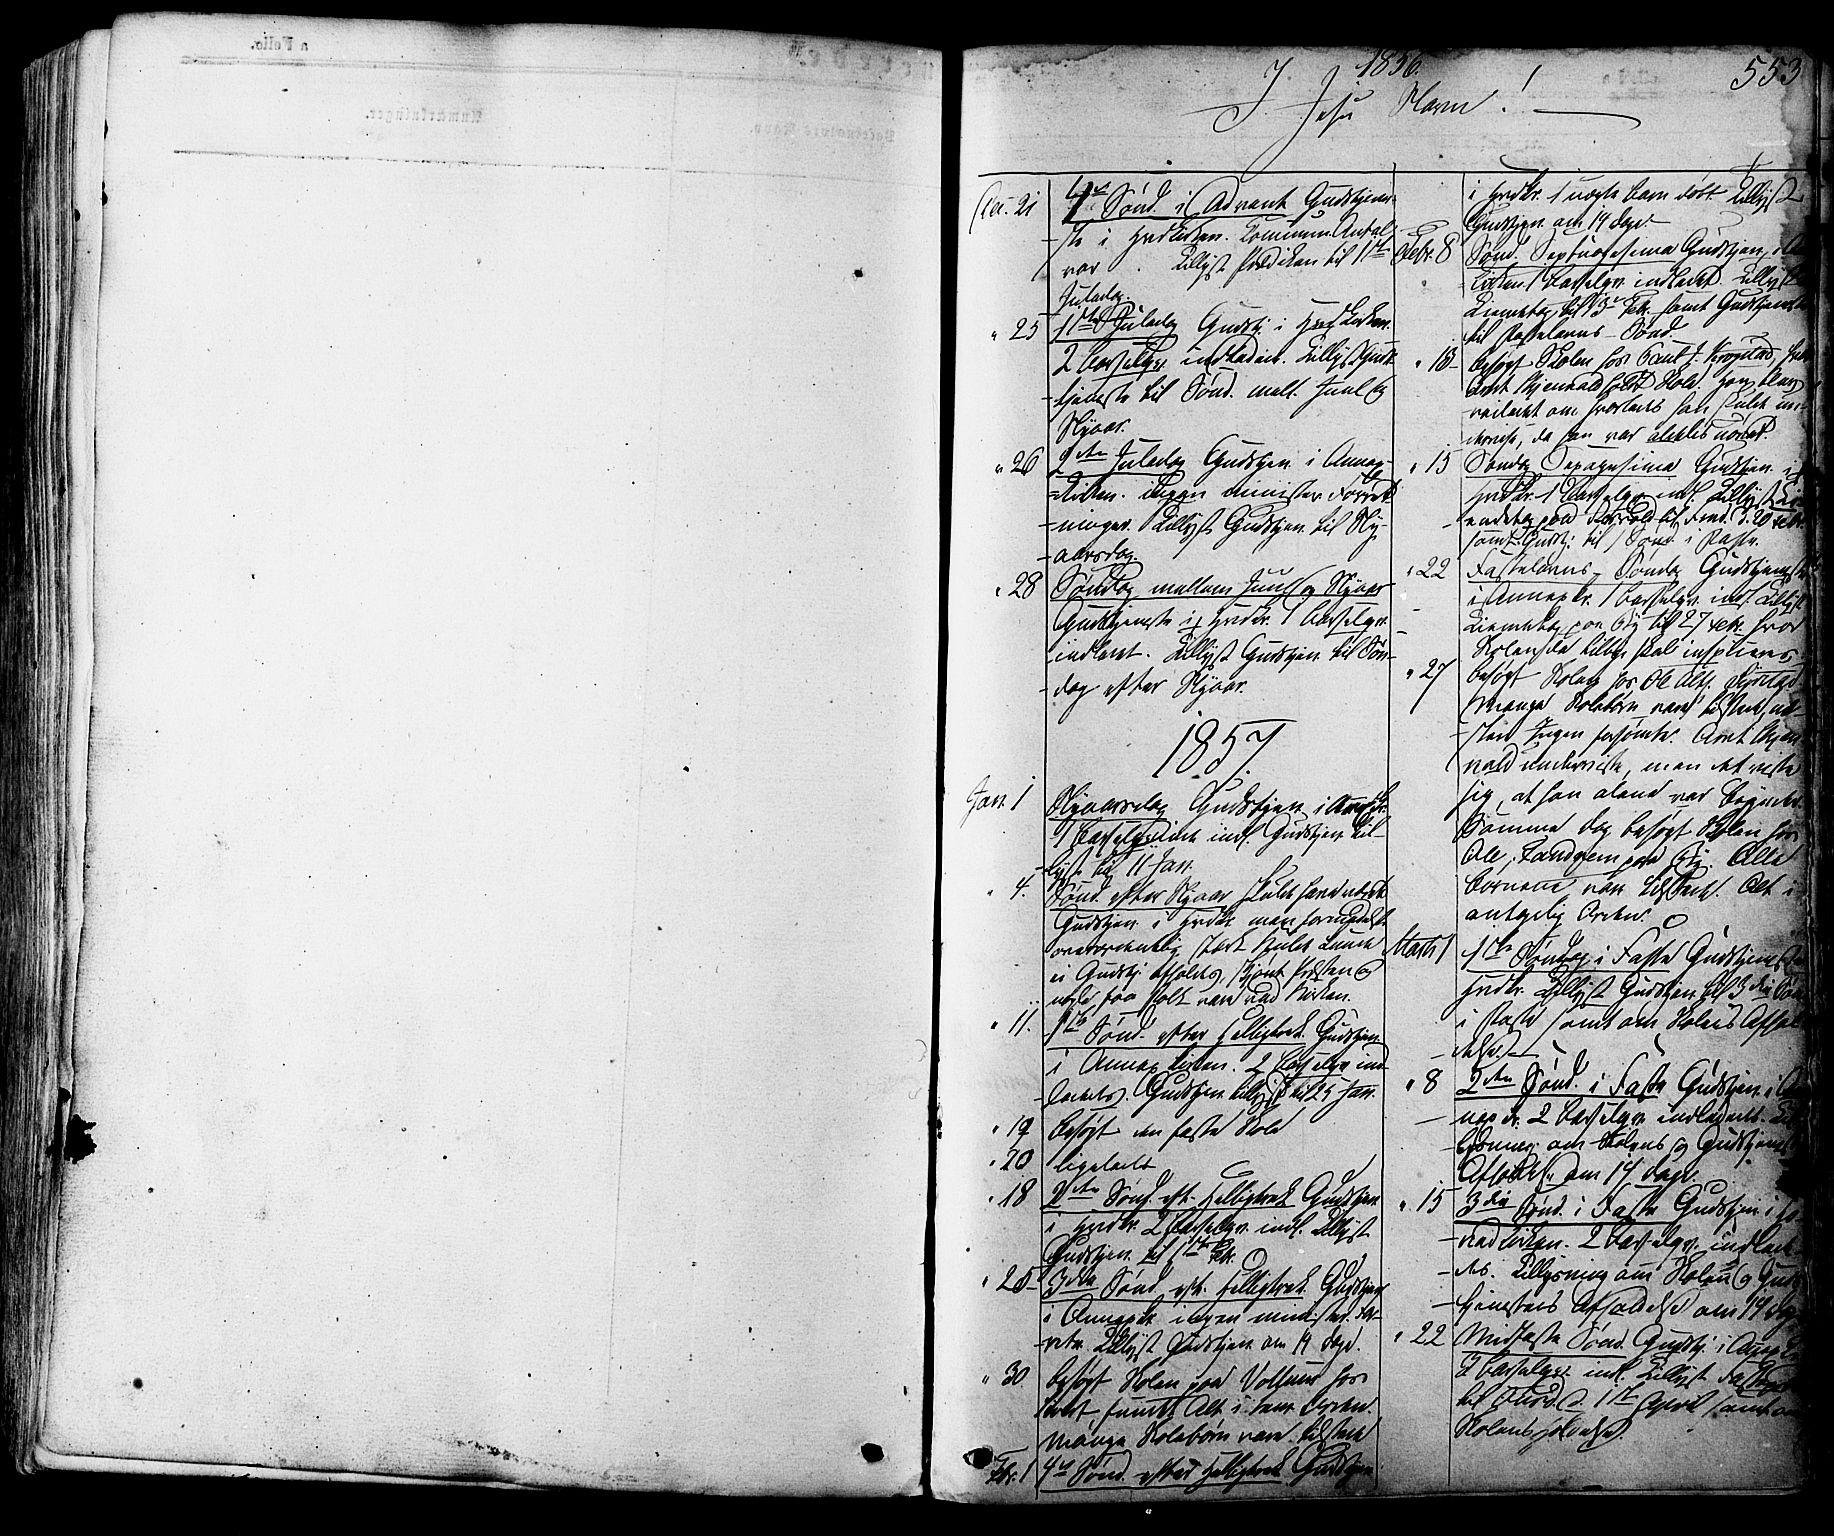 SAT, Ministerialprotokoller, klokkerbøker og fødselsregistre - Sør-Trøndelag, 665/L0772: Ministerialbok nr. 665A07, 1856-1878, s. 553